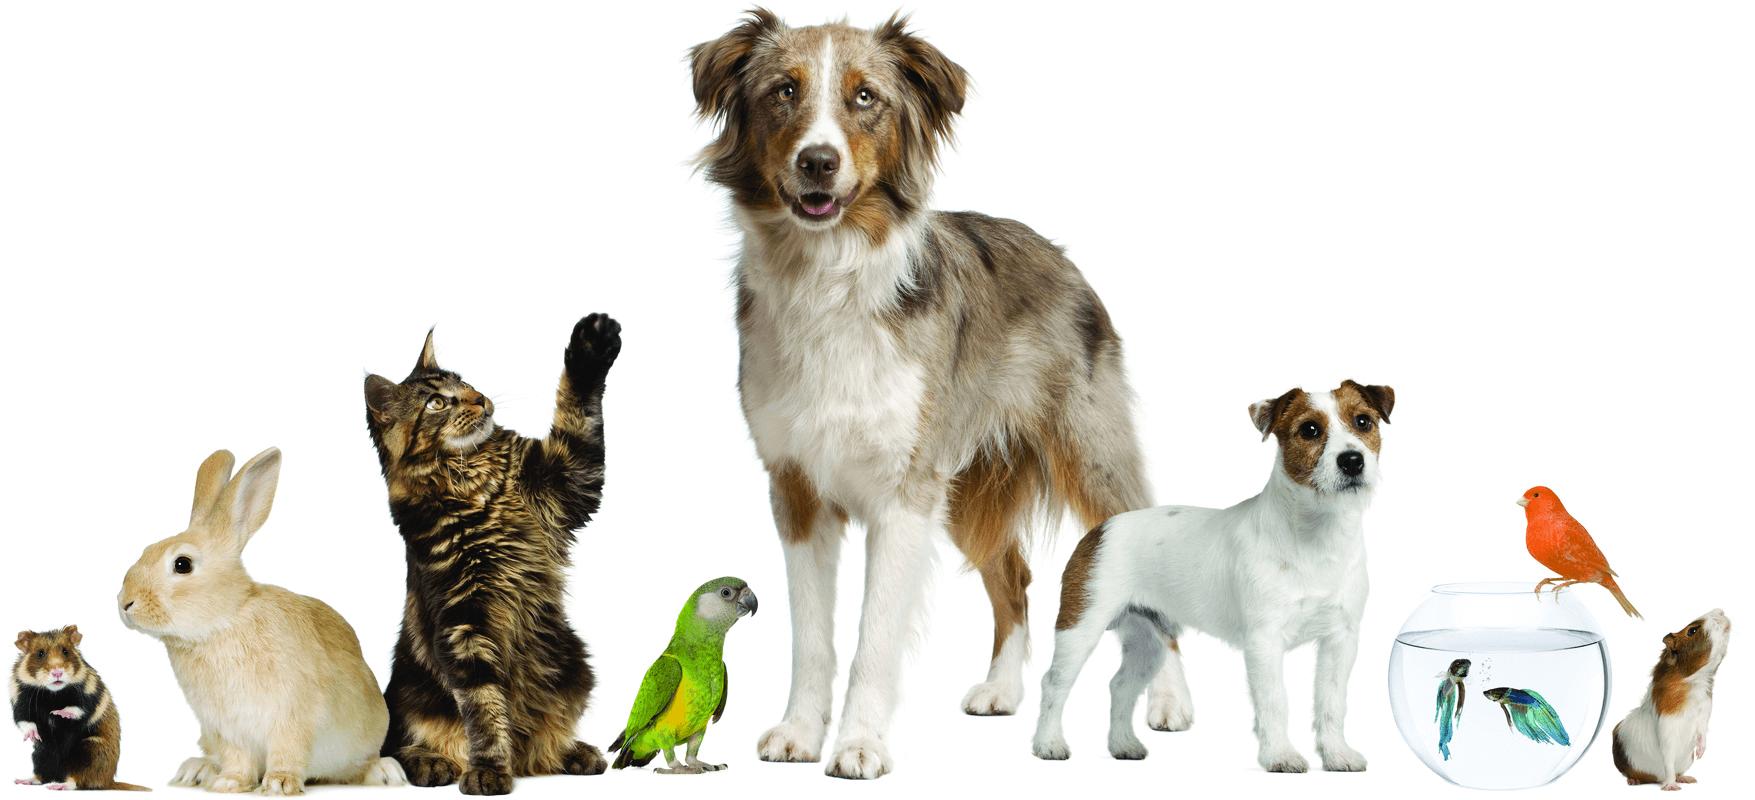 Tierarztpraxis Thumm und Götzke - HEADER - Unterseite